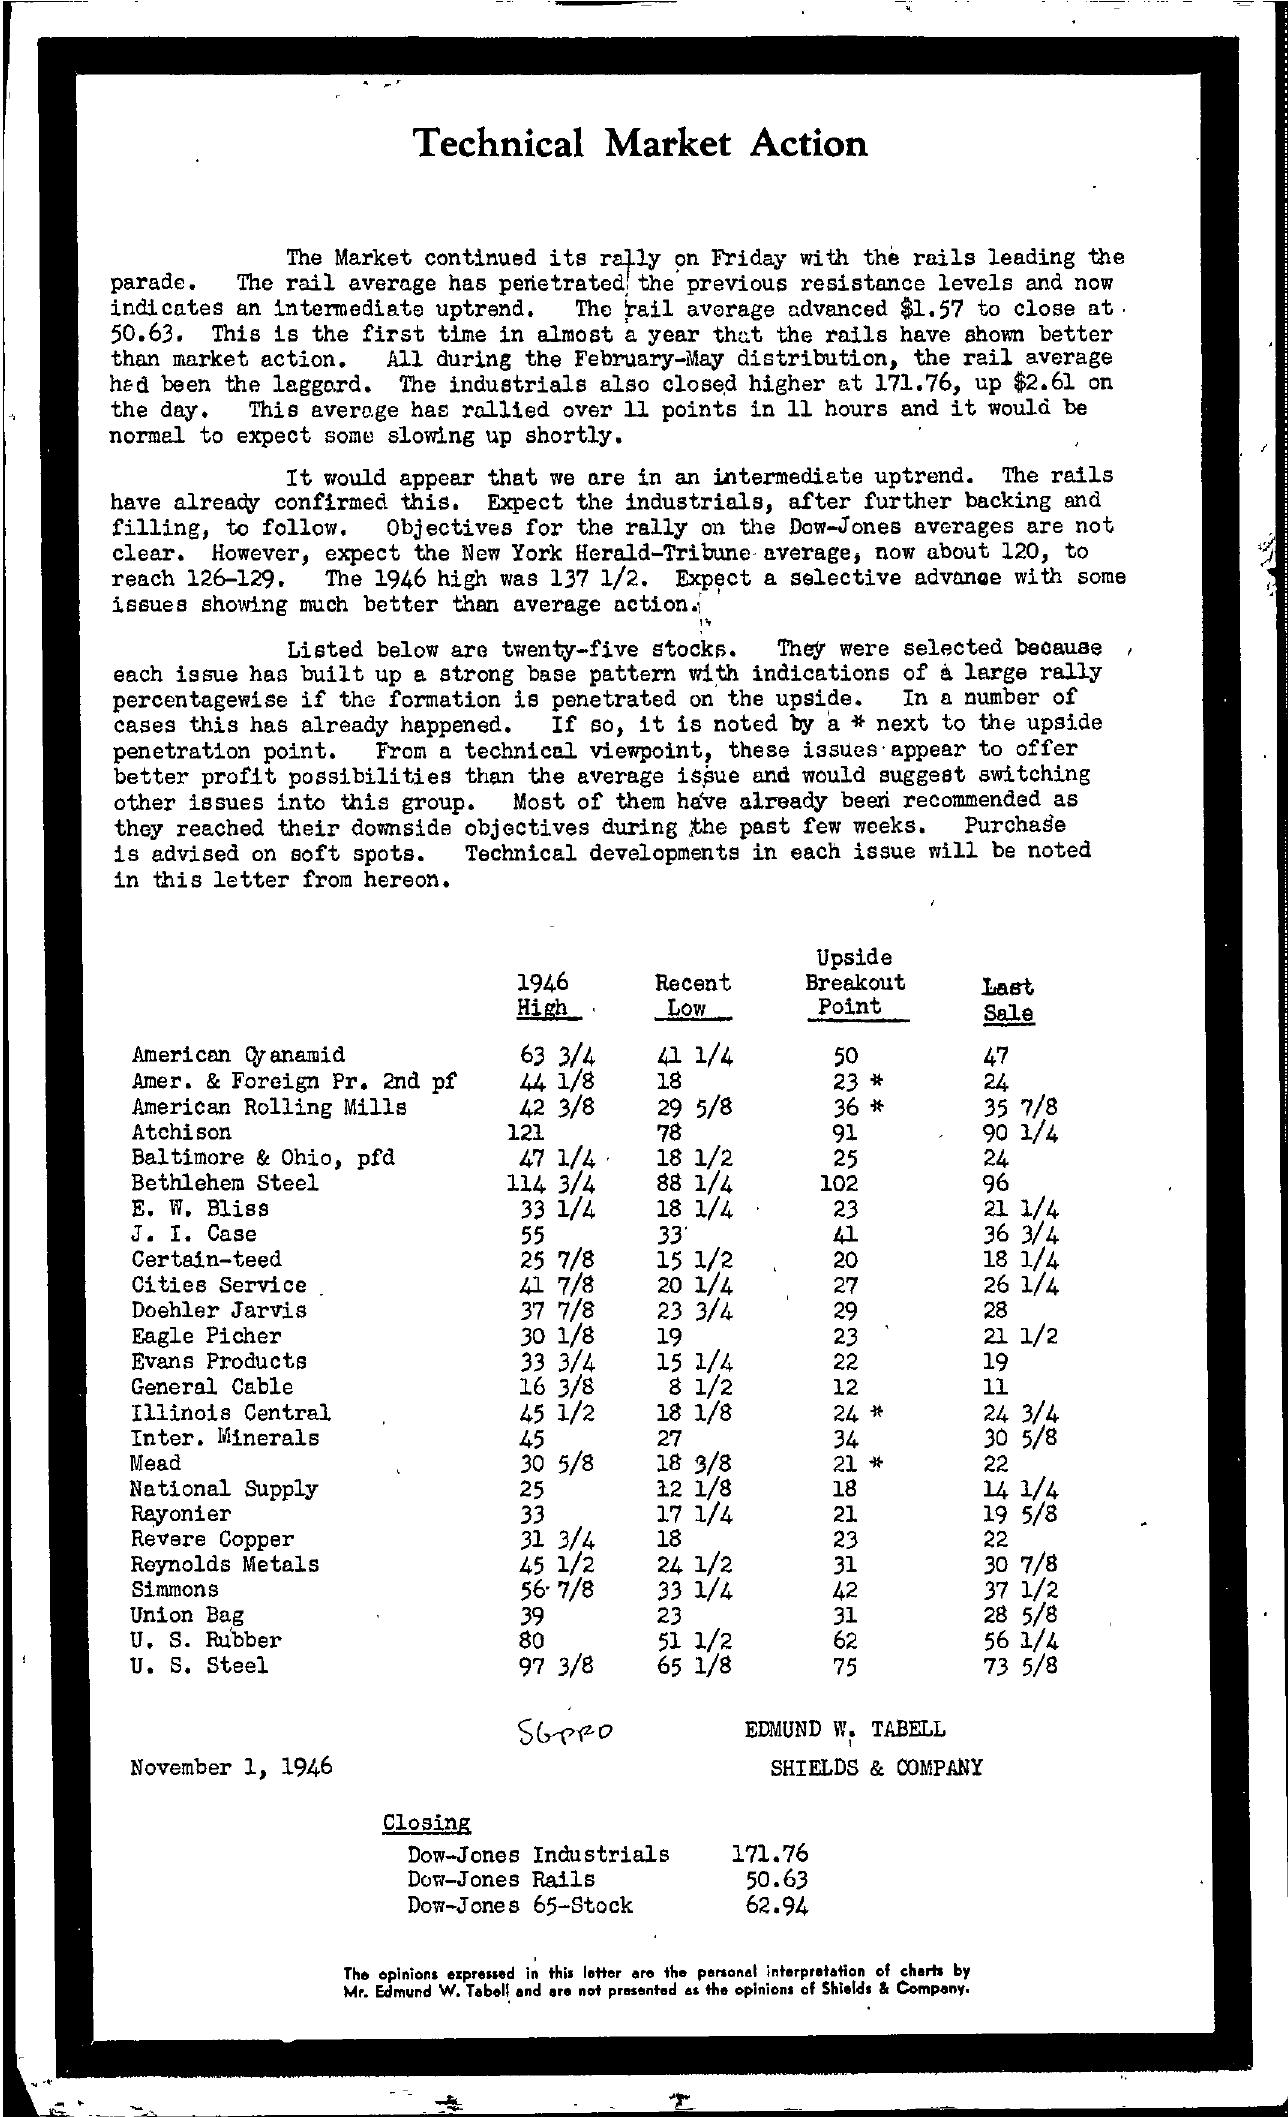 Tabell's Market Letter - November 01, 1946